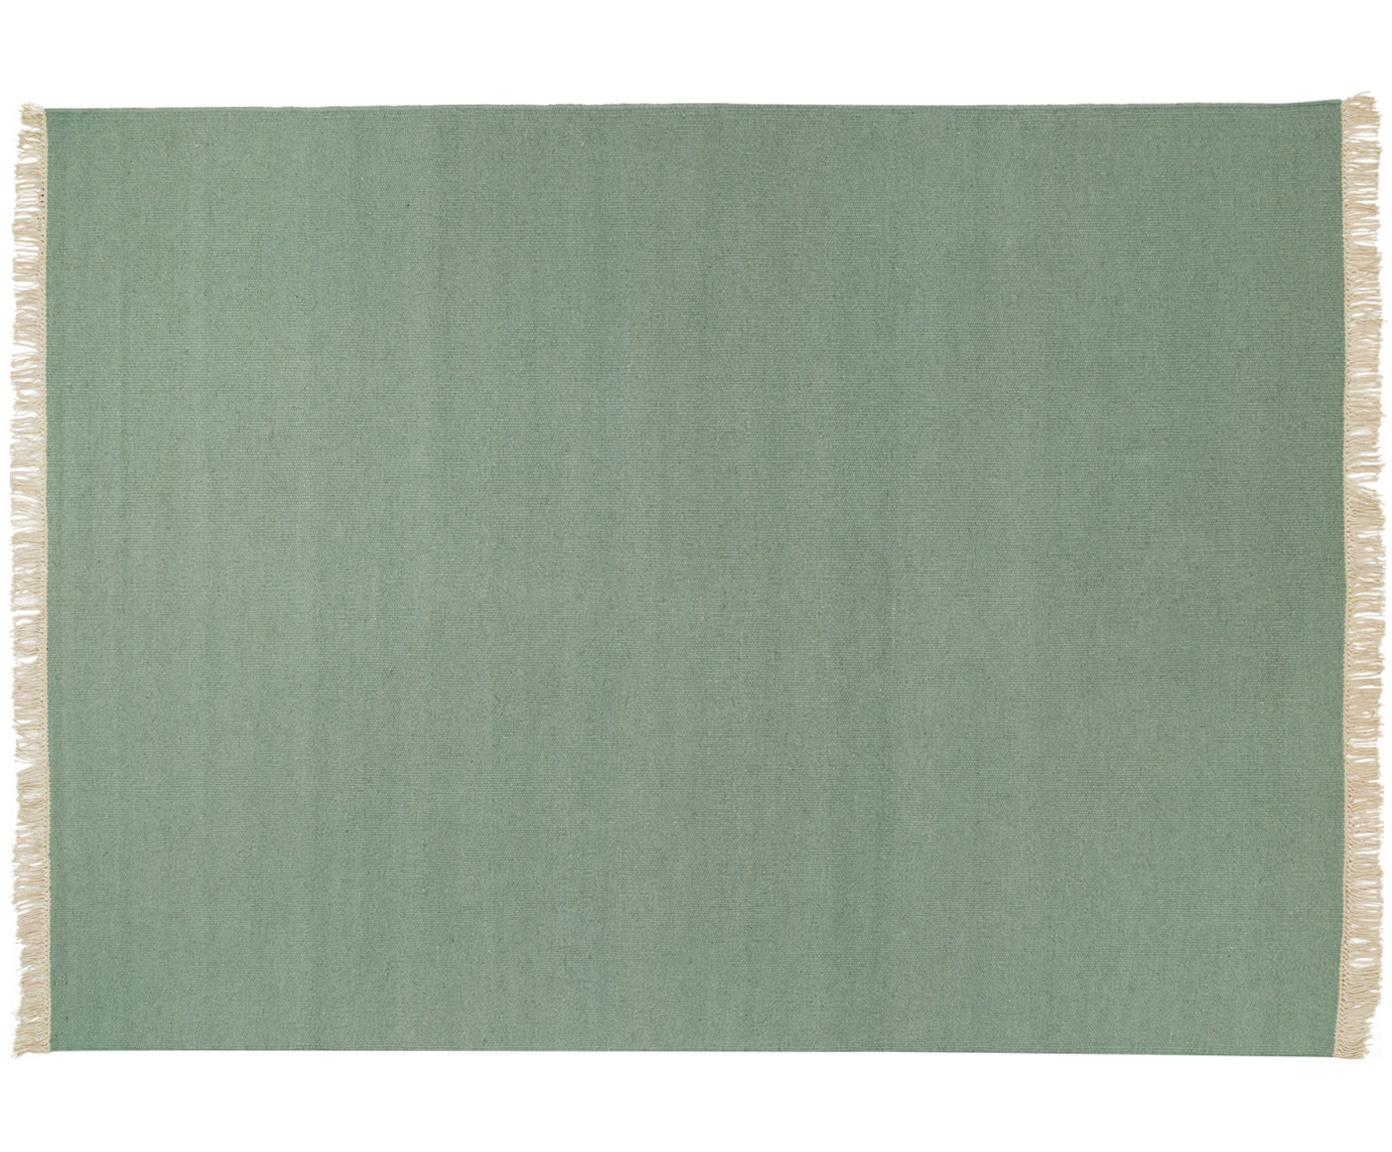 Tappeto in lana tessuto a mano con frange Rainbow, Retro: cotone, Pistacchio, Larg. 140 x Lung. 200 cm (taglia S)